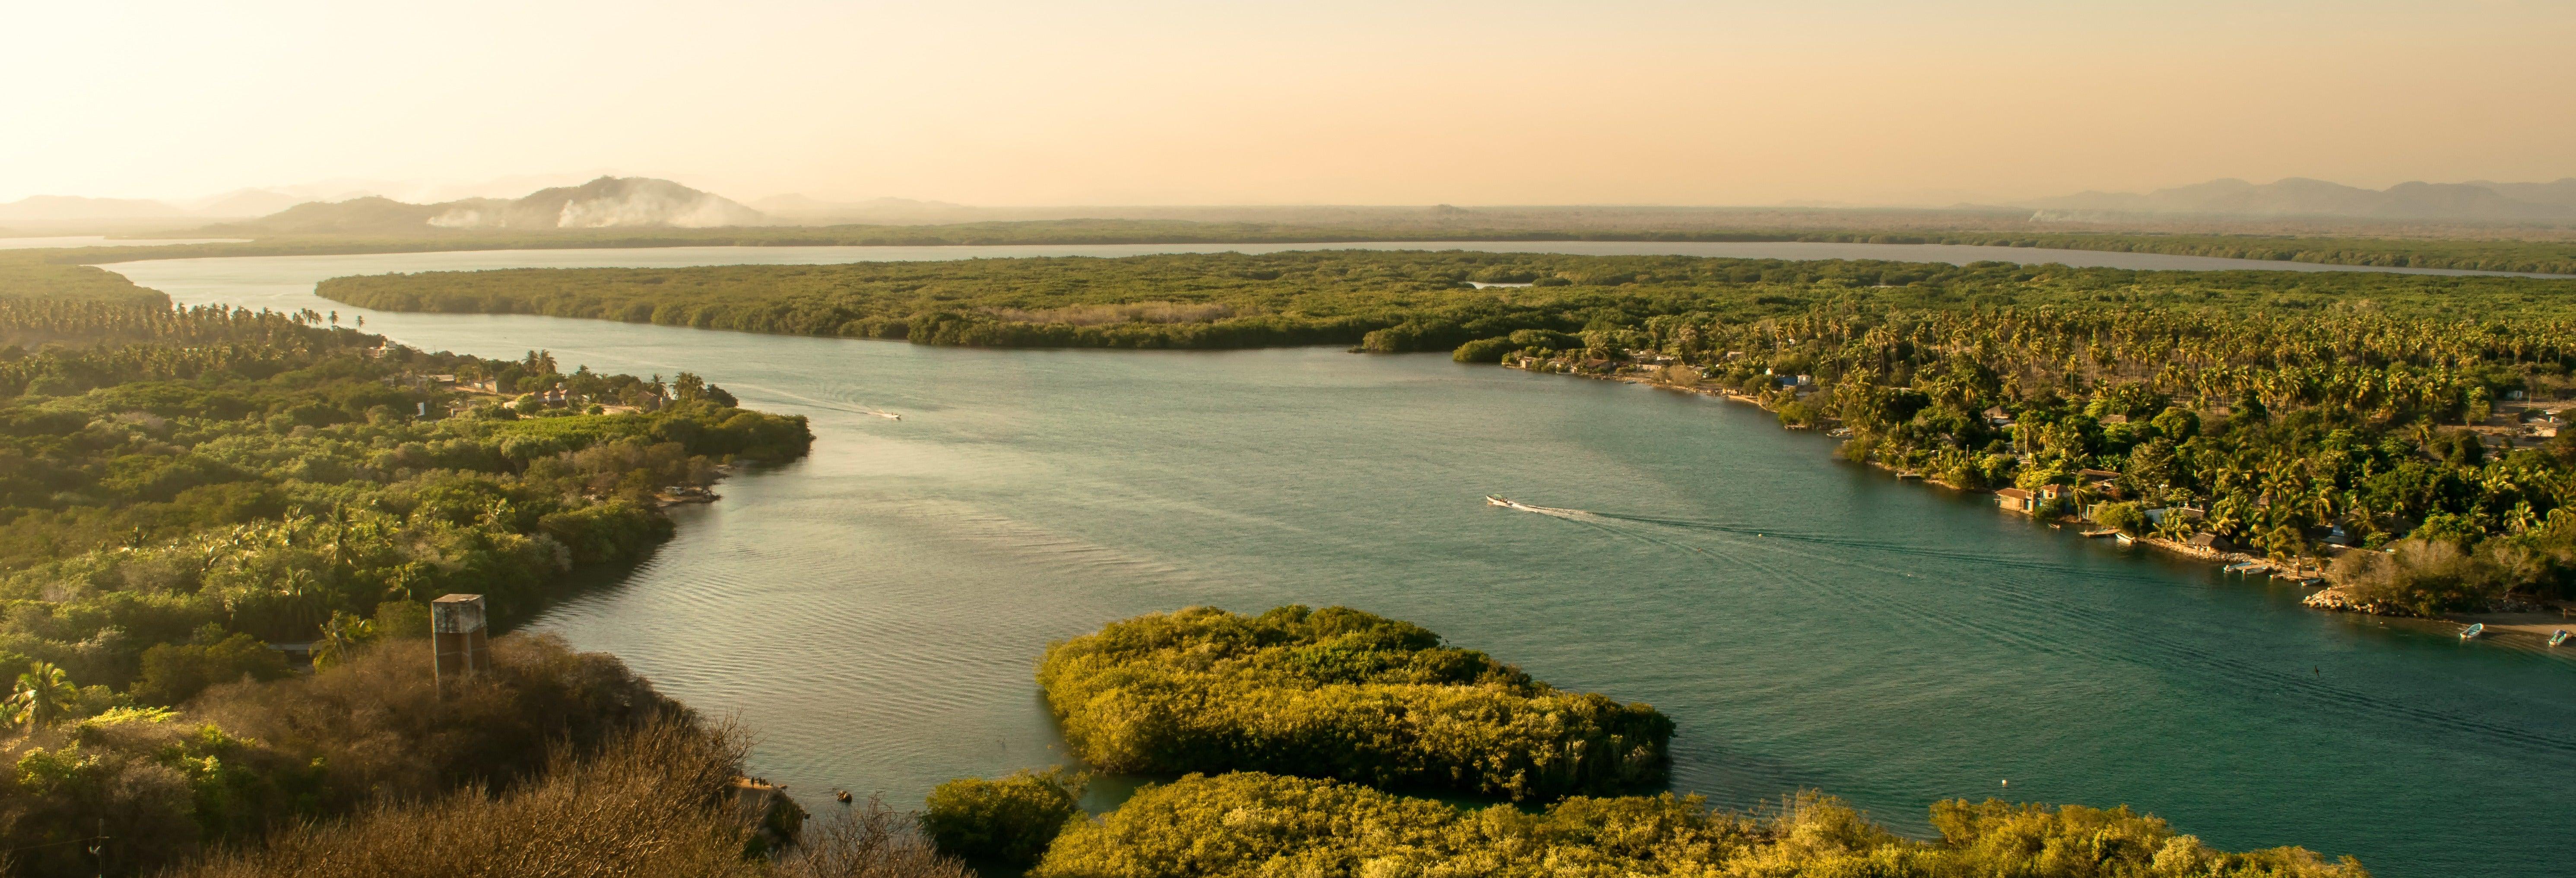 Excursion à Lagunas de Chacahua